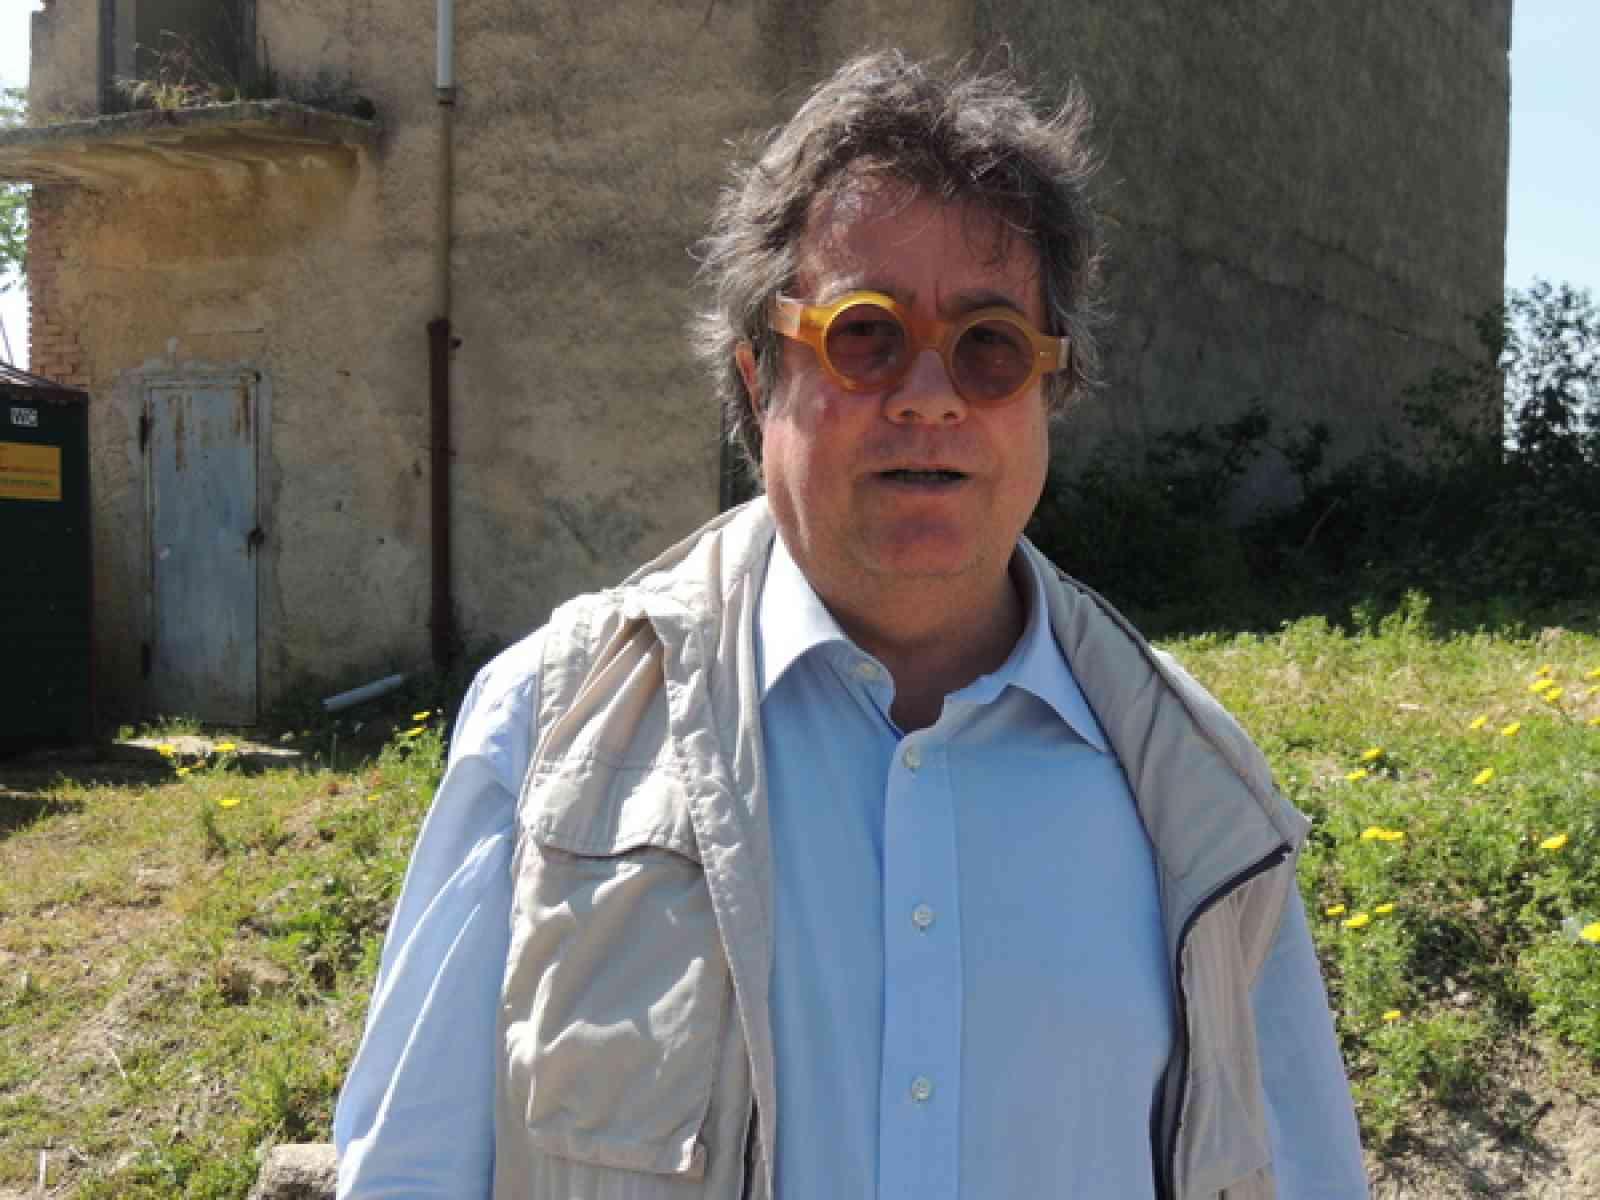 Immagine articolo: Poggioreale, l'Ass. Tusa in visita alla zona archeologica di Monte Castellazzo. Al Corpo Forestale probabile affidamento delle pulizie